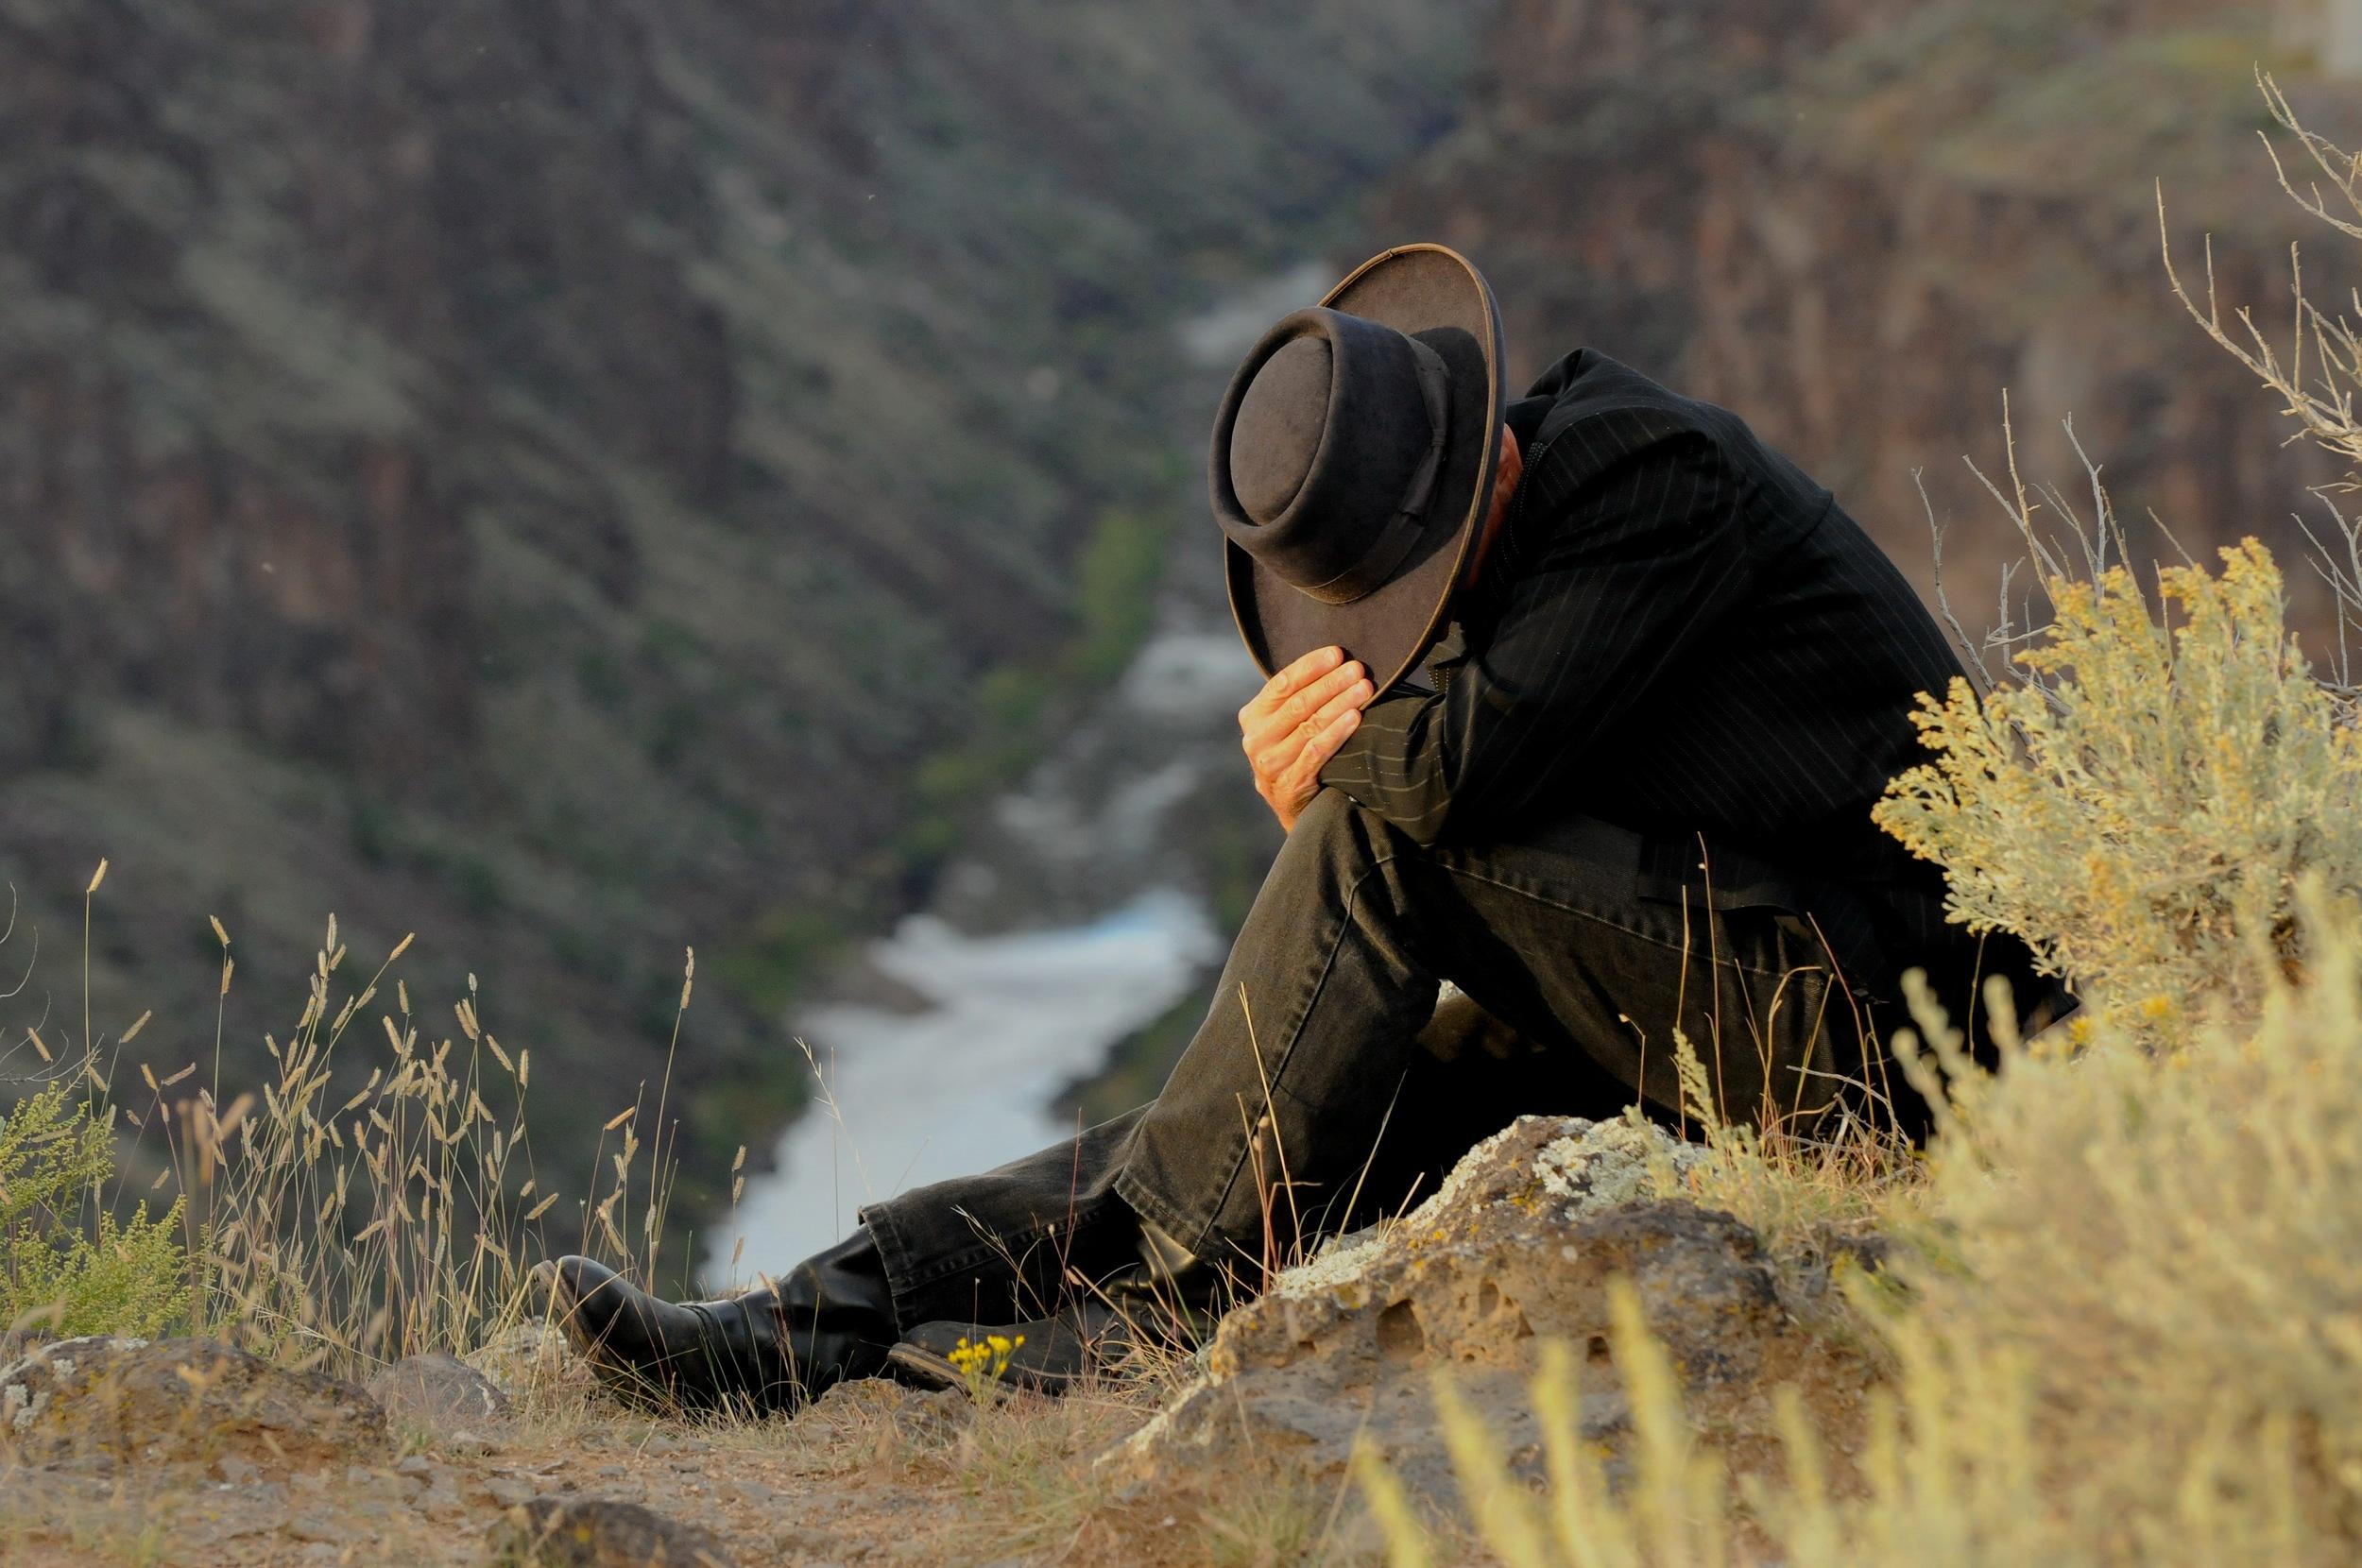 Siesta at Gorge by H sparrow.jpg